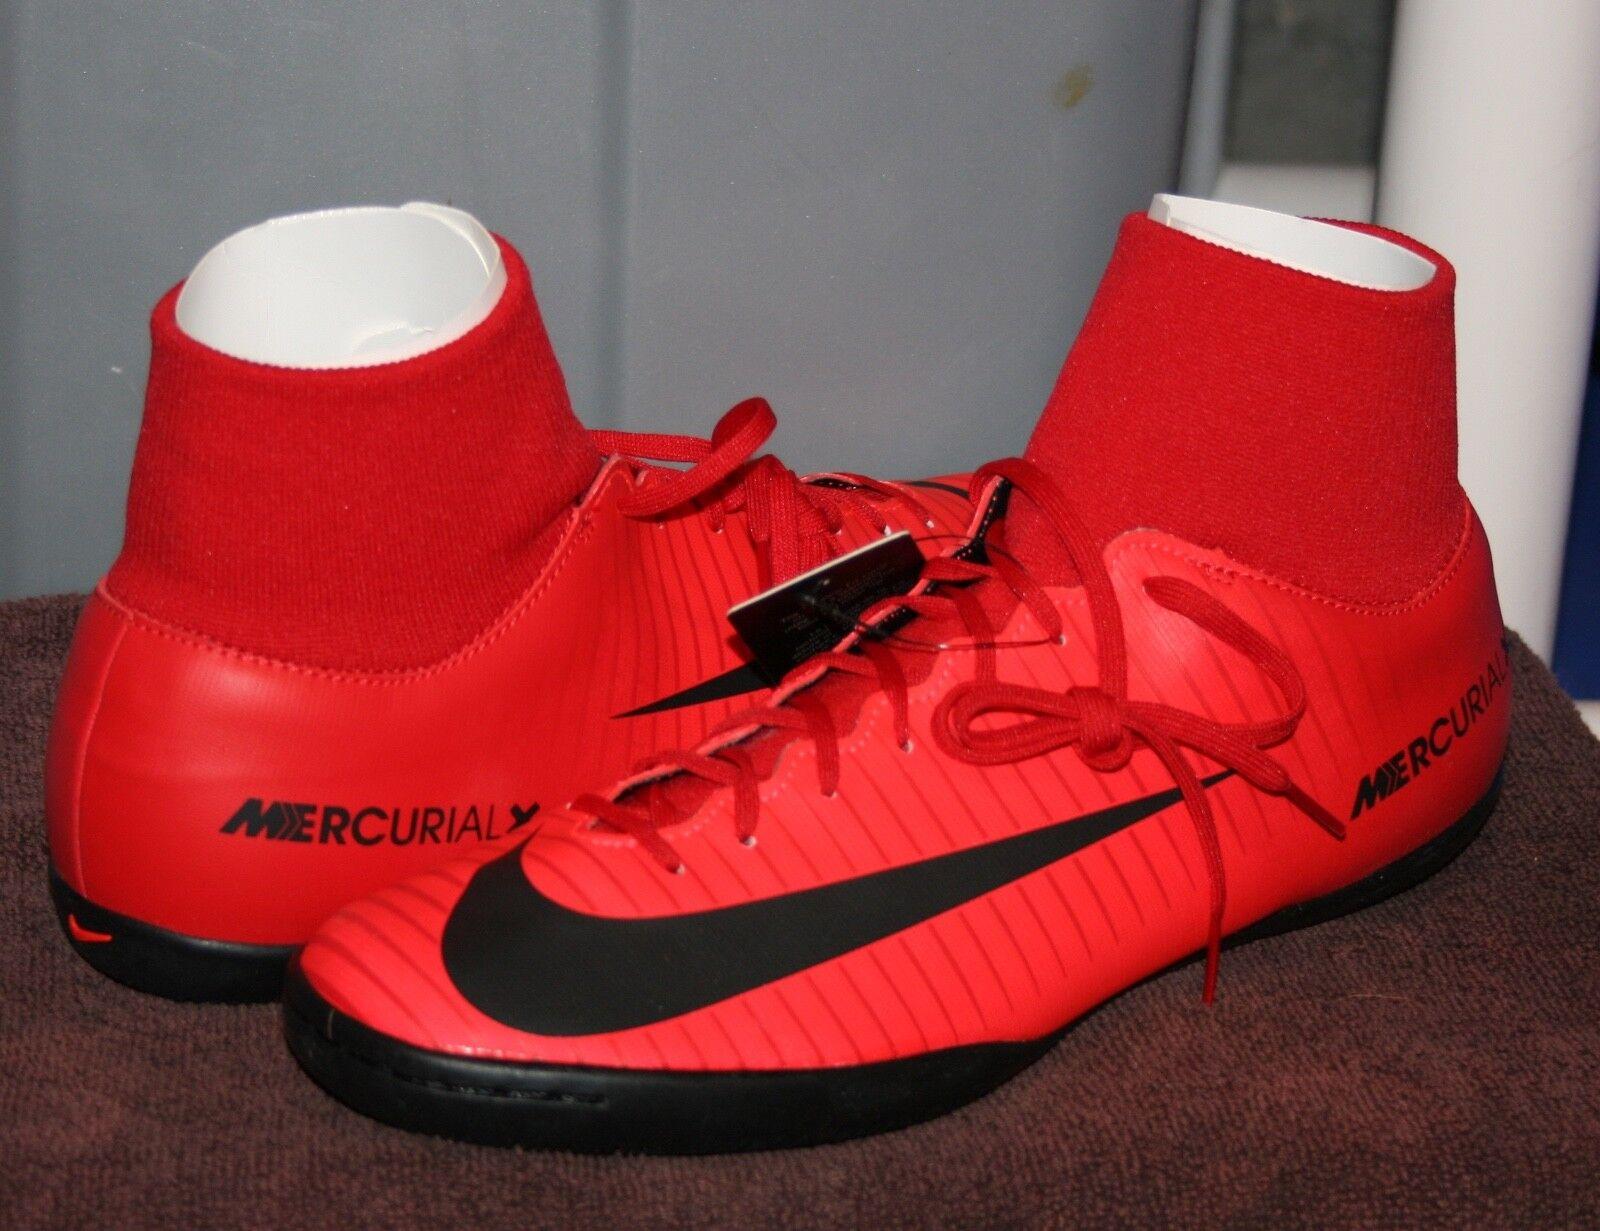 feb30b66120 NIKE MERCURIALX VICTORY VI DF IC US 11.5 Indoor shoes Mens Soccer  nvcwxf2439-Men